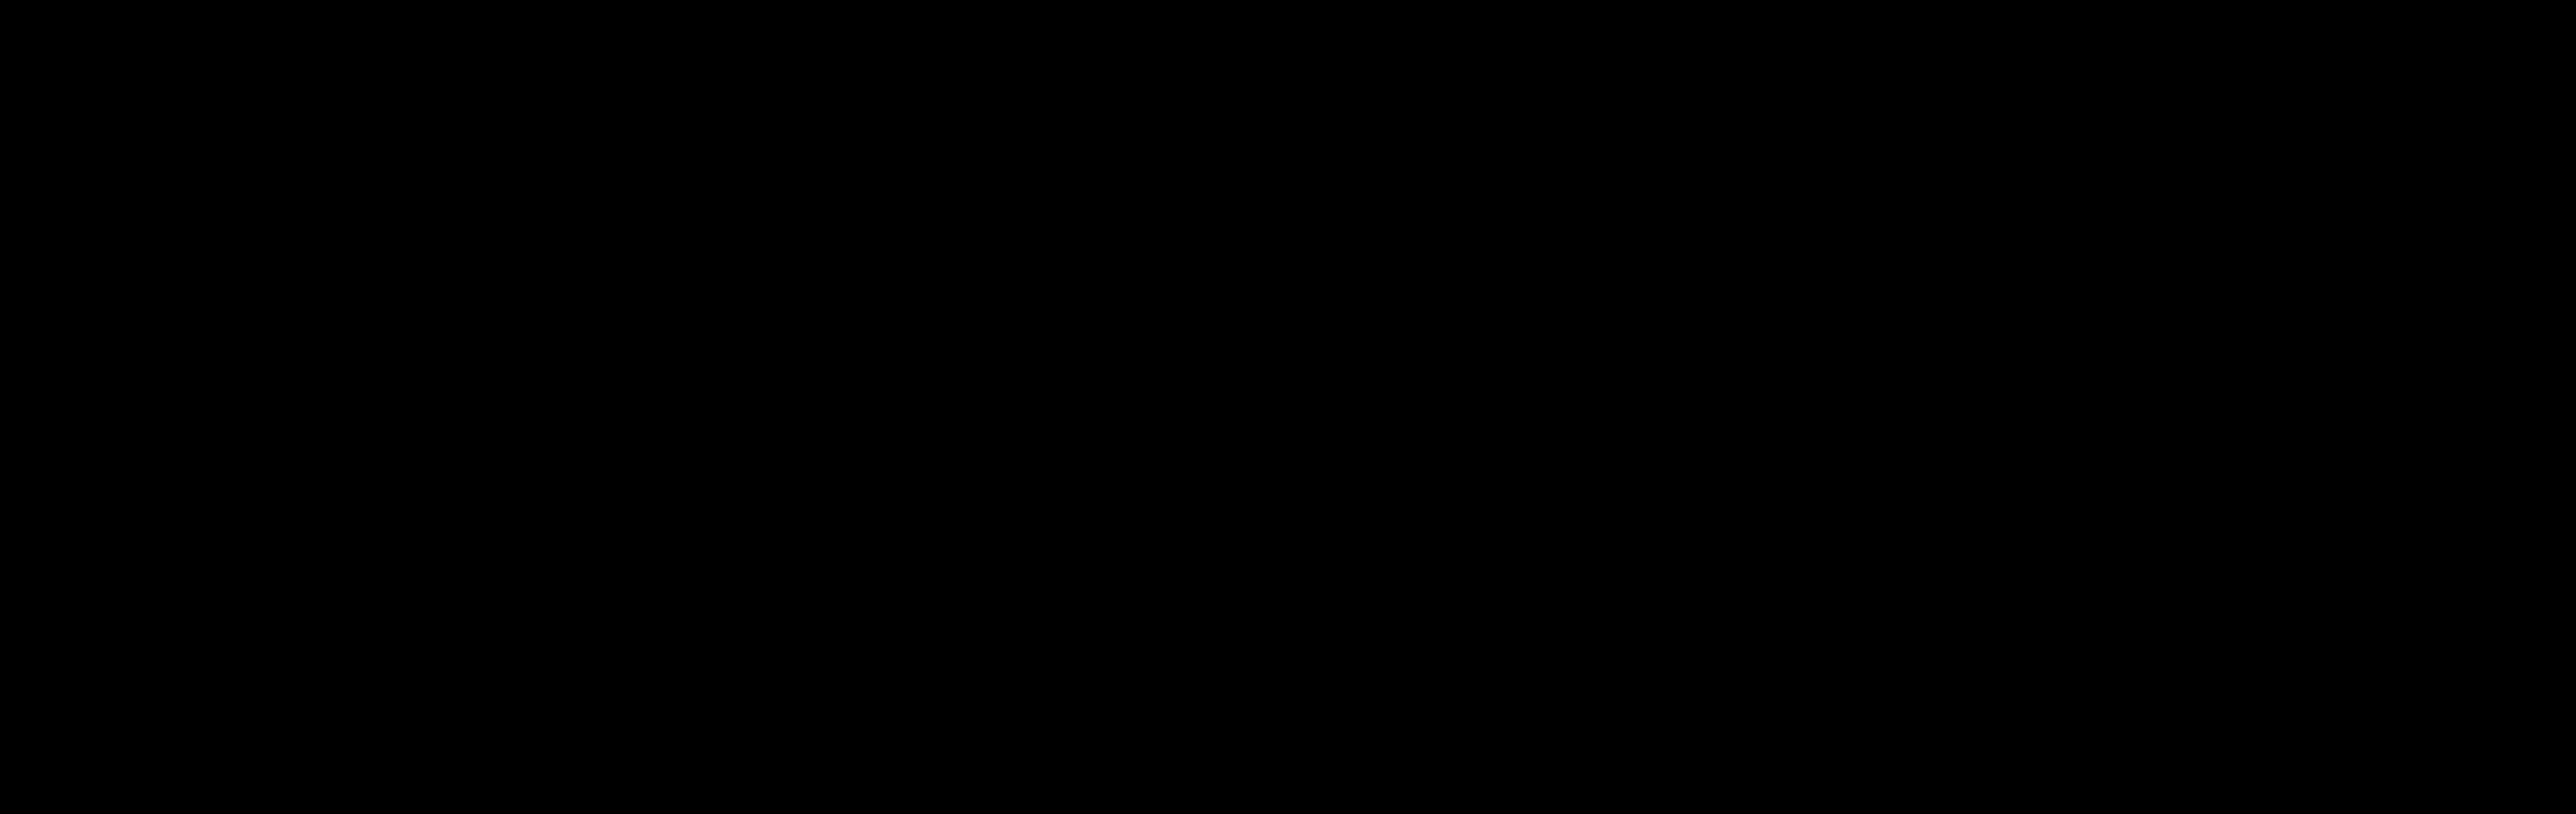 cta-tpc-oceano